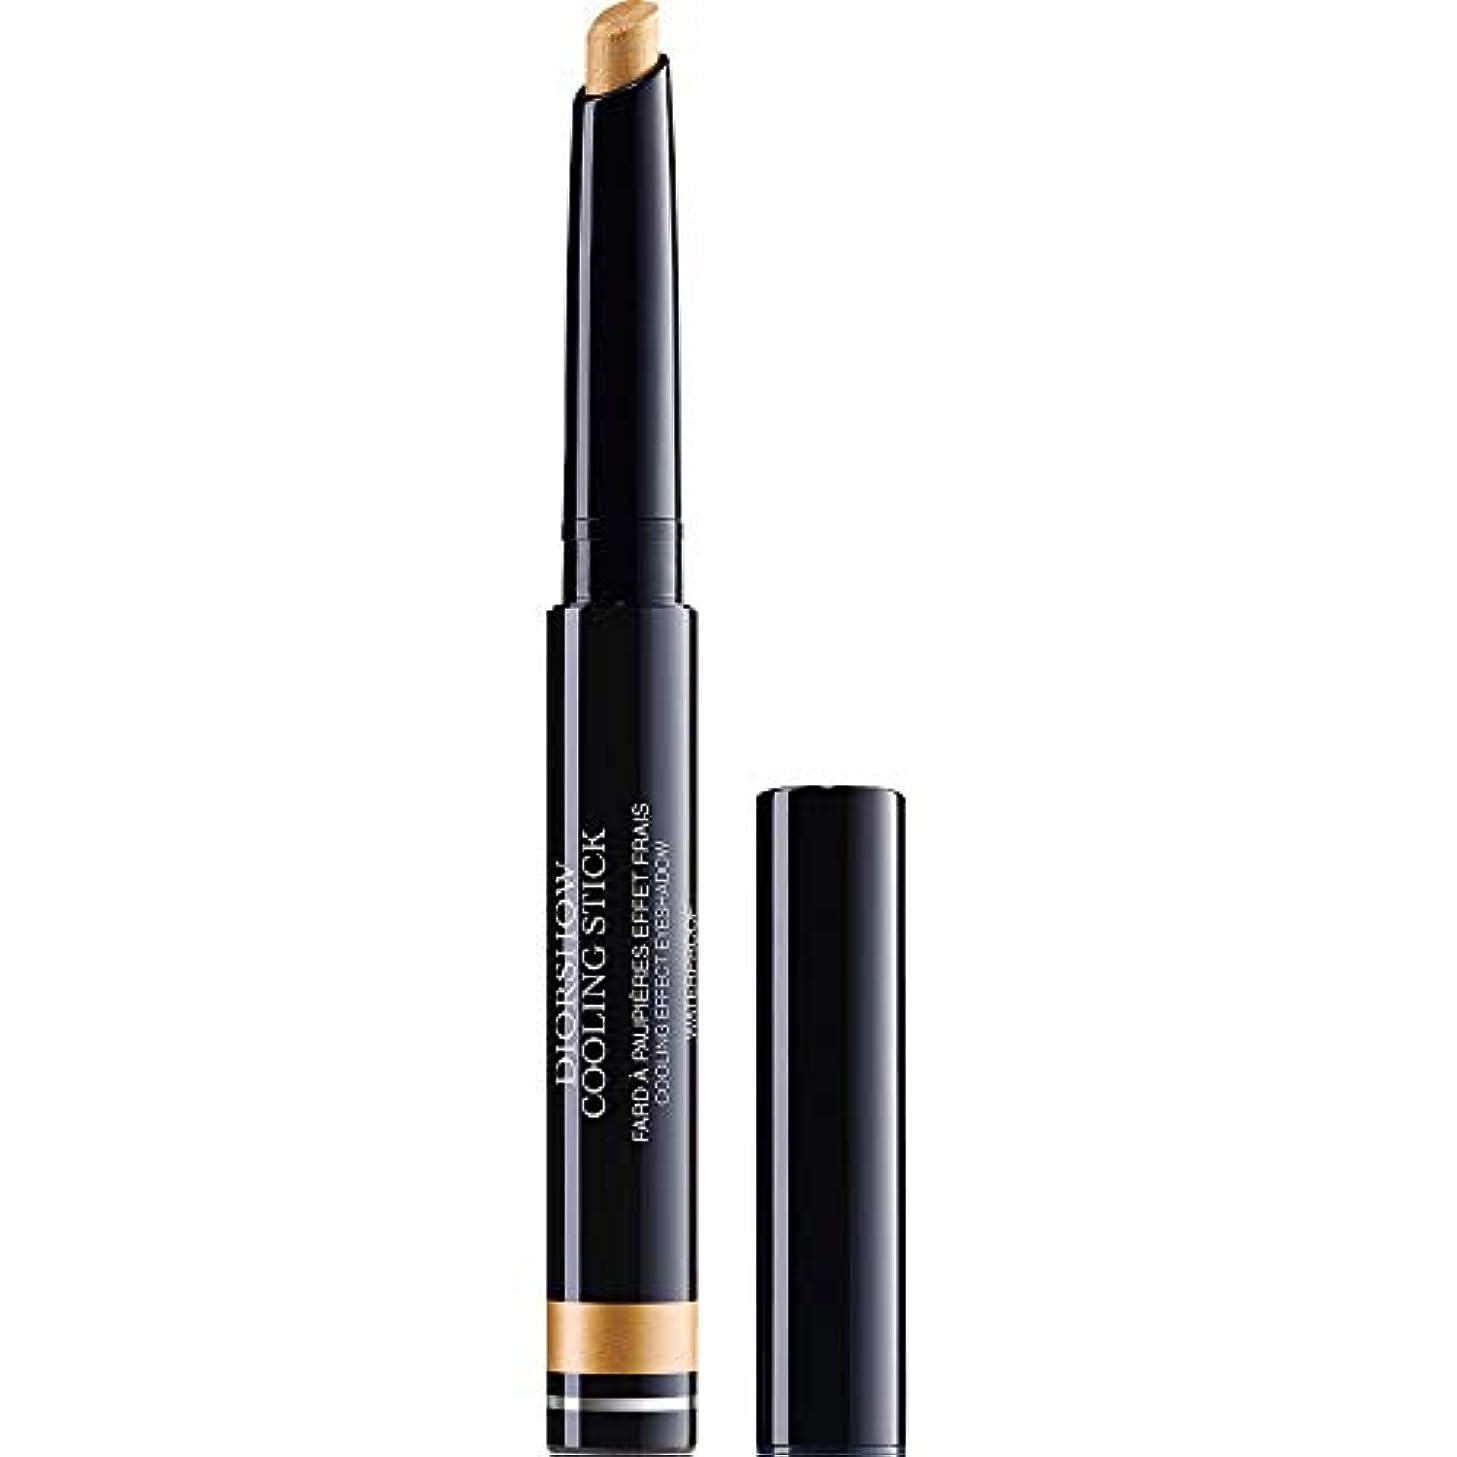 統合する八百屋ダルセット[Dior ] ディオールDiorshow冷却スティックアイシャドウ1.6グラム002 - 金スプラッシュ - DIOR Diorshow Cooling Stick Eyeshadow 1.6g 002 - Gold...